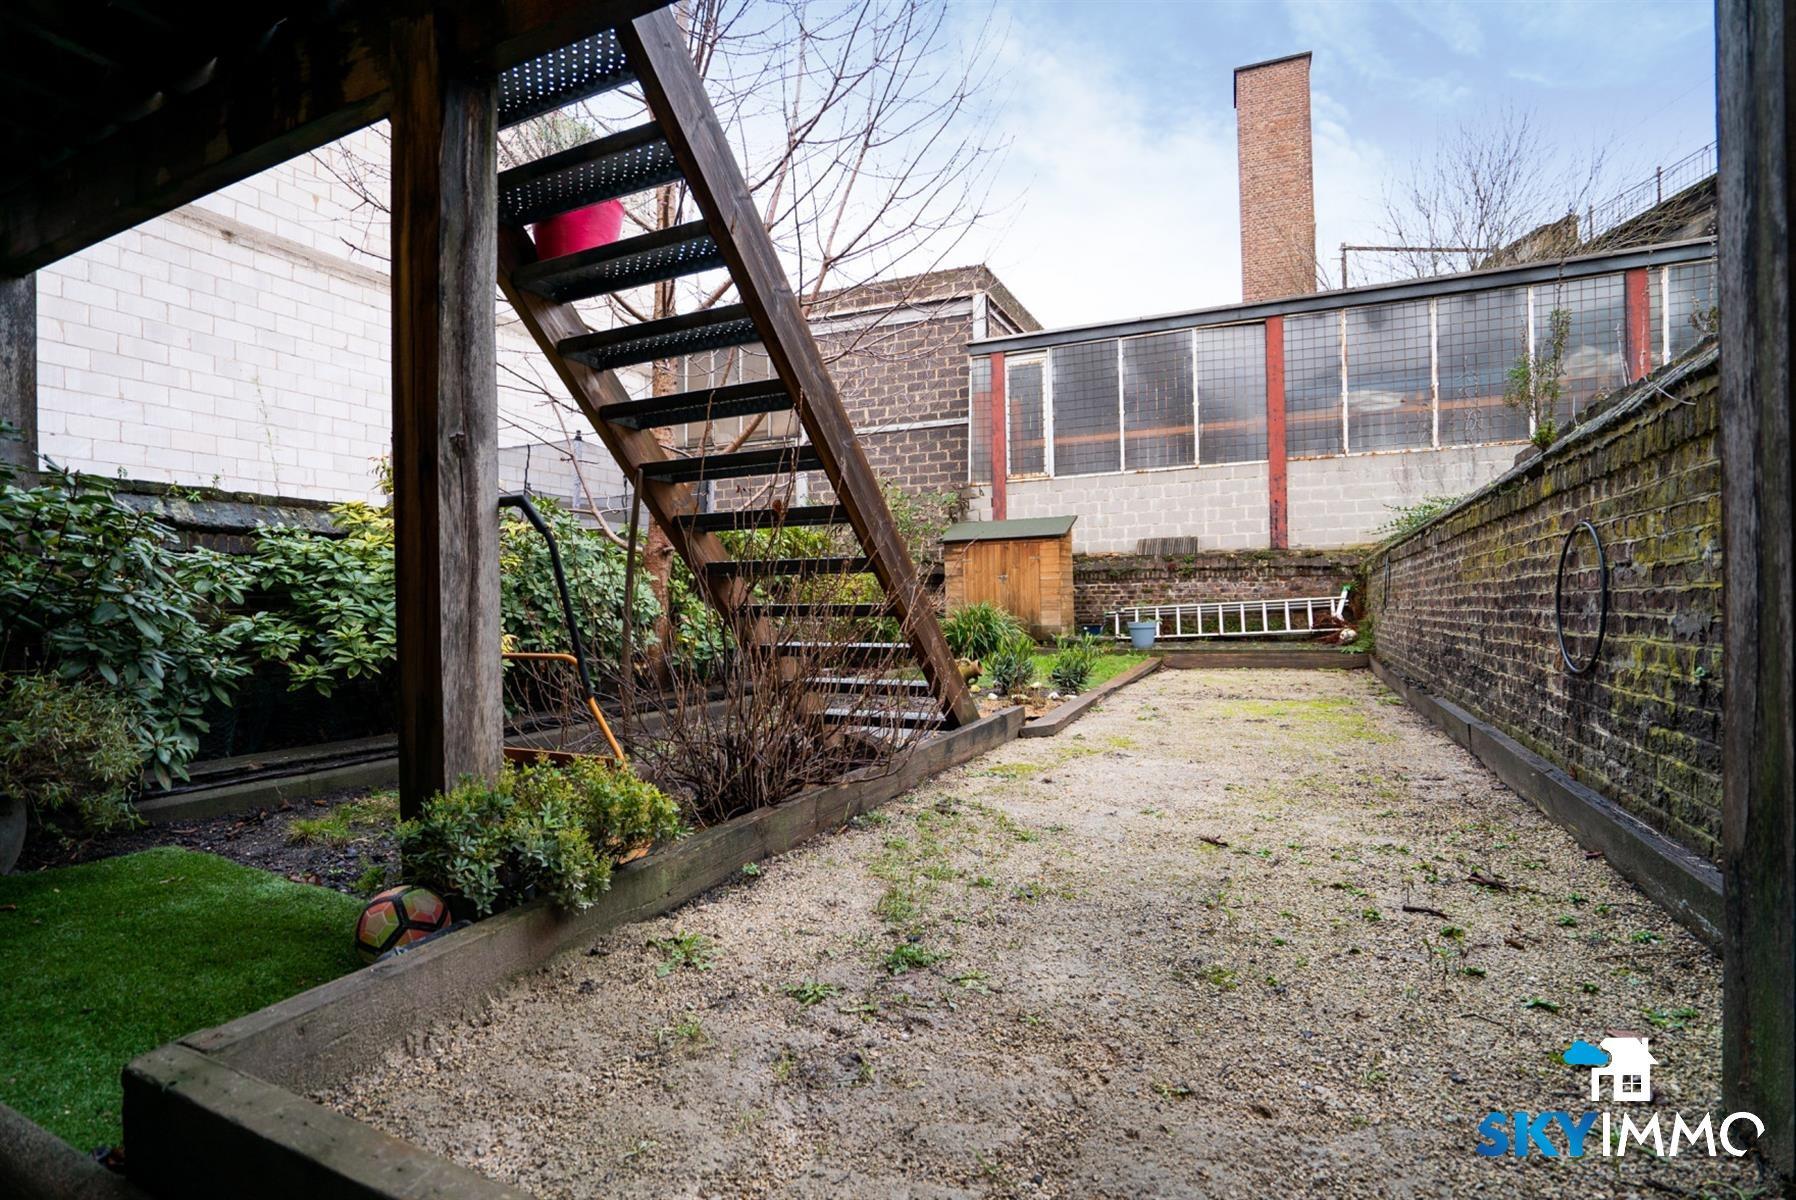 Maison - Liège - #4245744-35